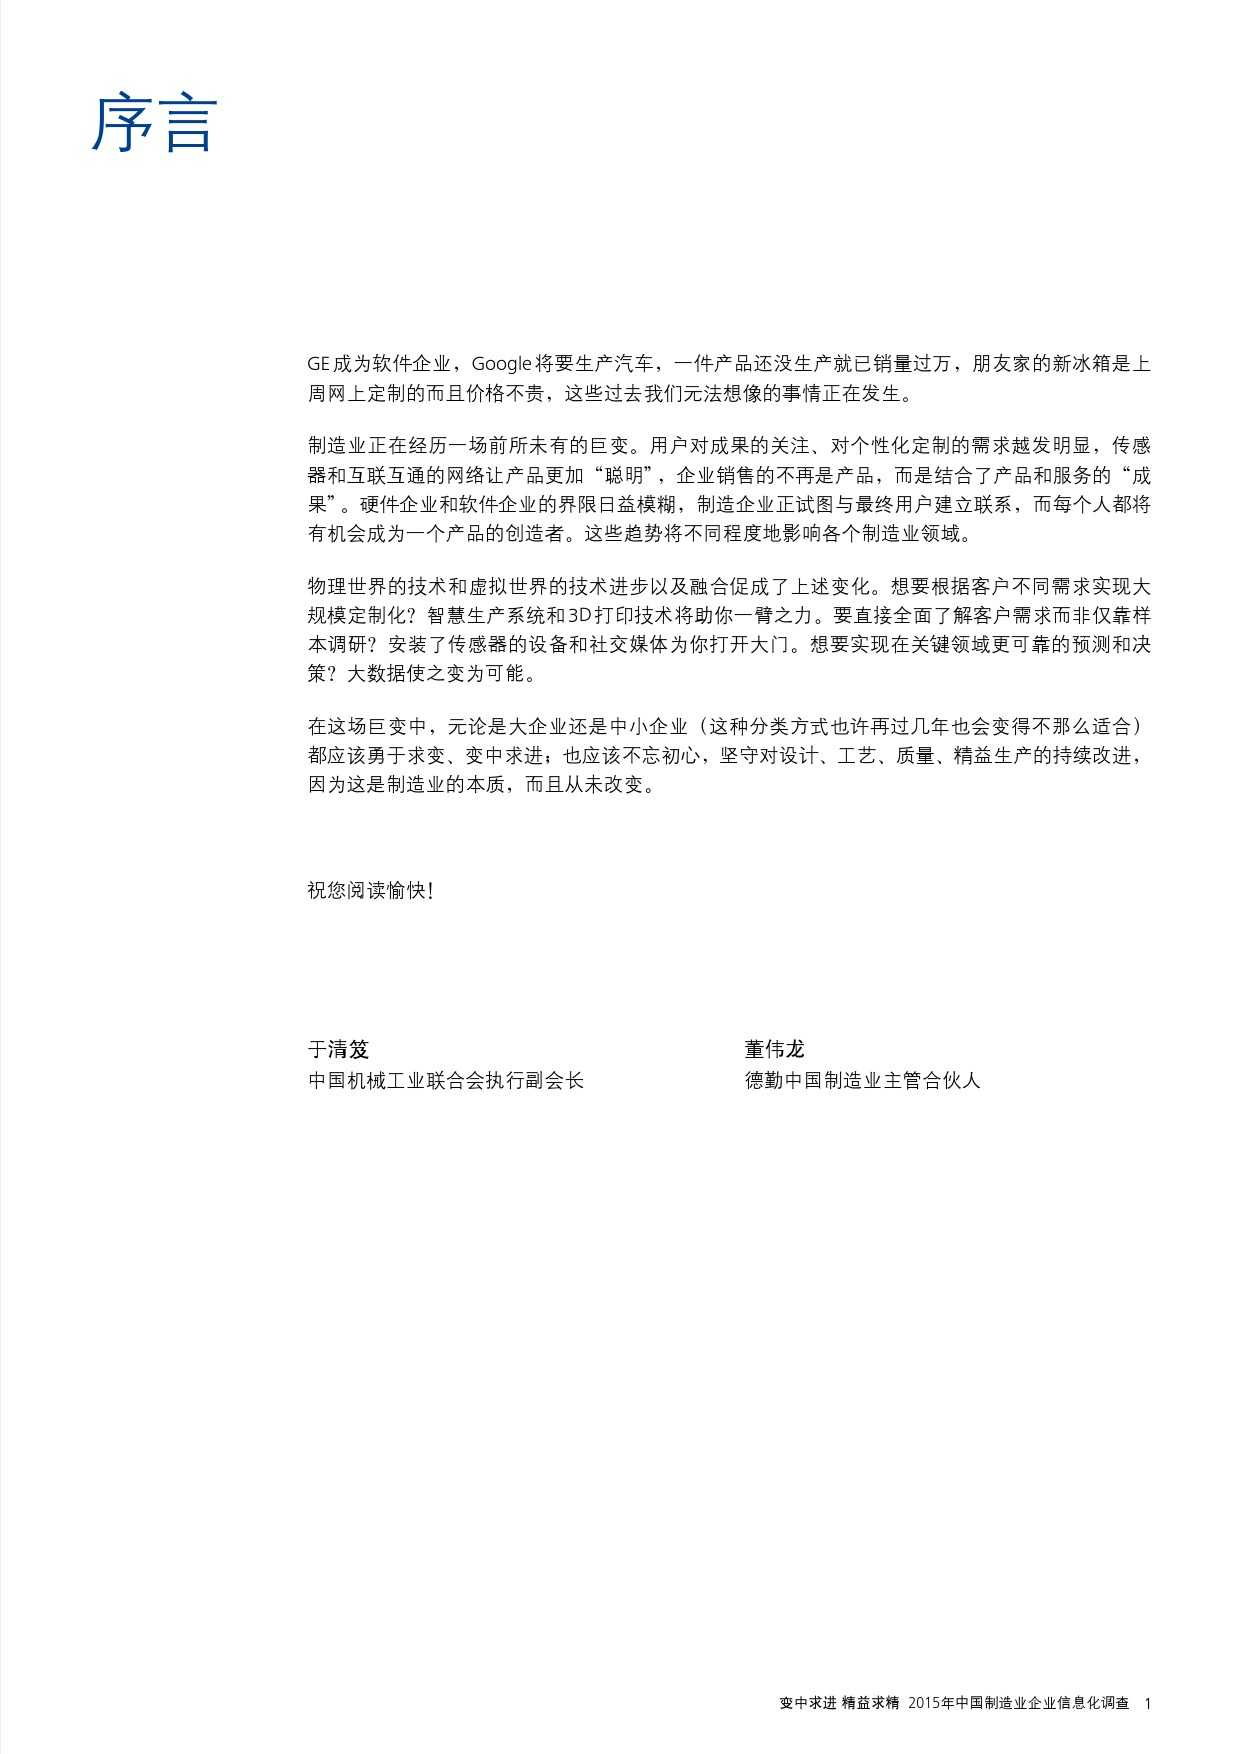 2015年中国制造业企业信息化调查_000003